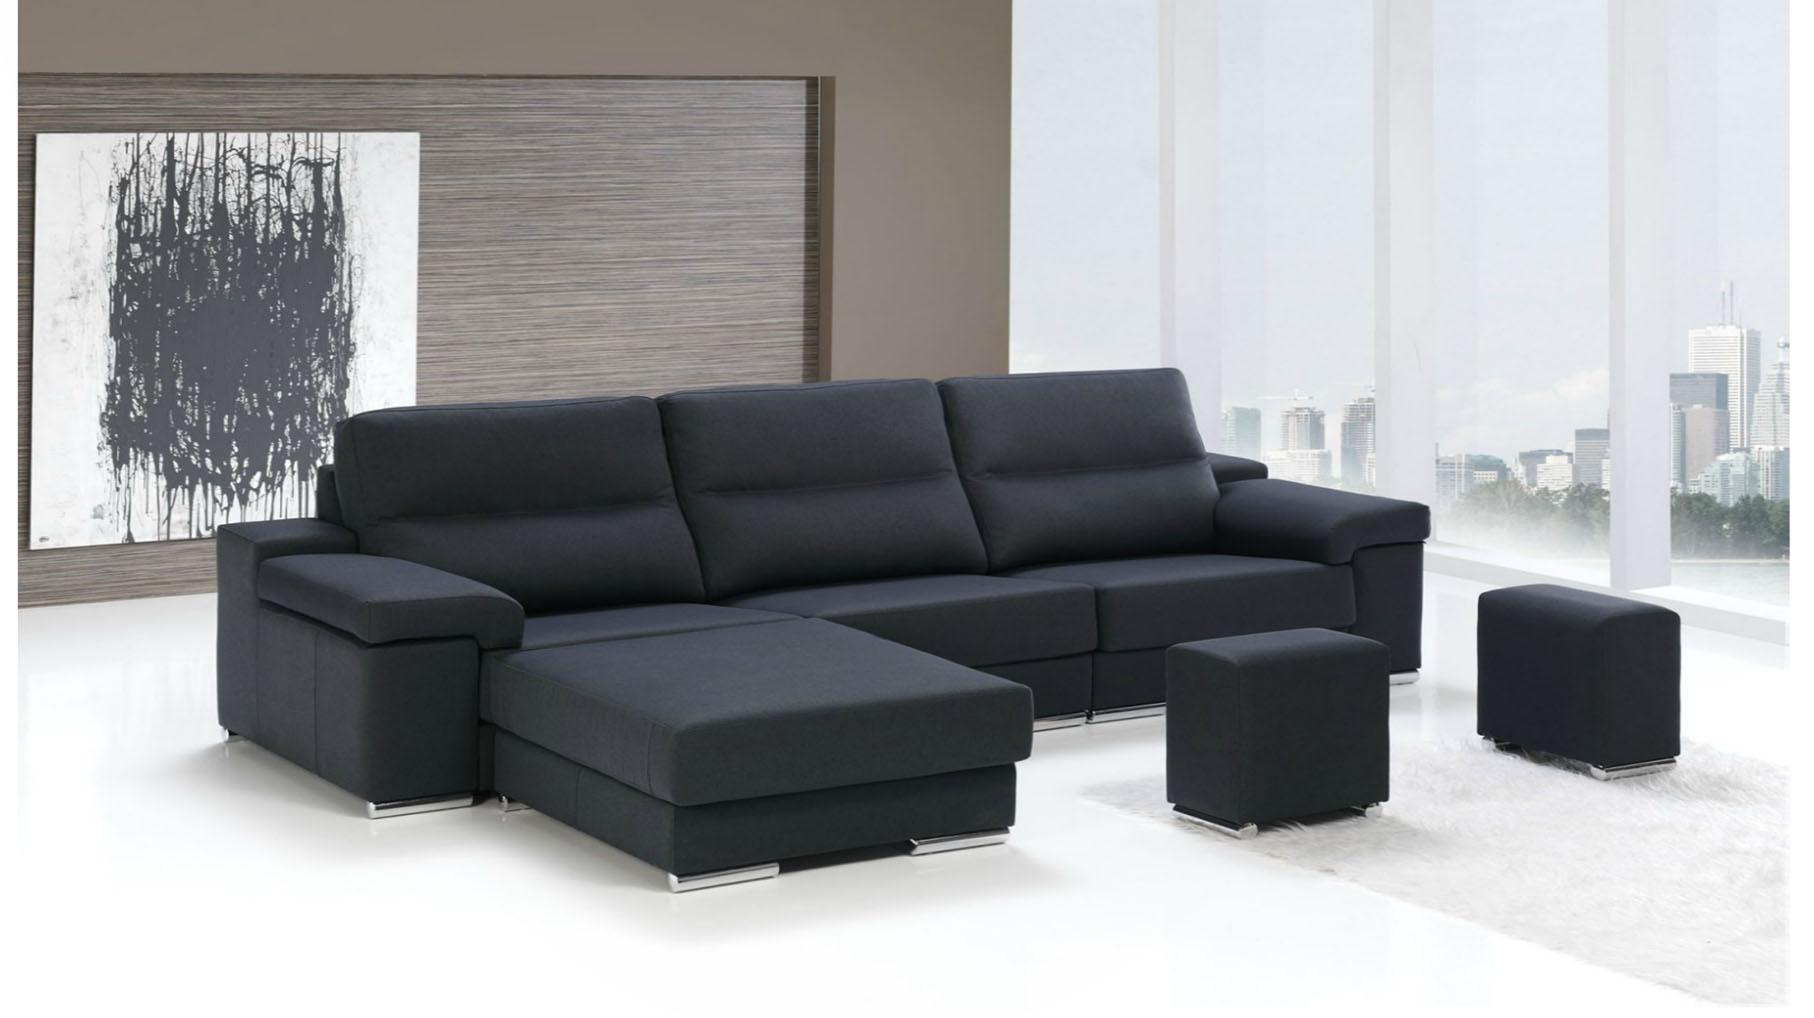 Inicio muebles y electrodom sticos parientemuebles y for Productos de decoracion para el hogar